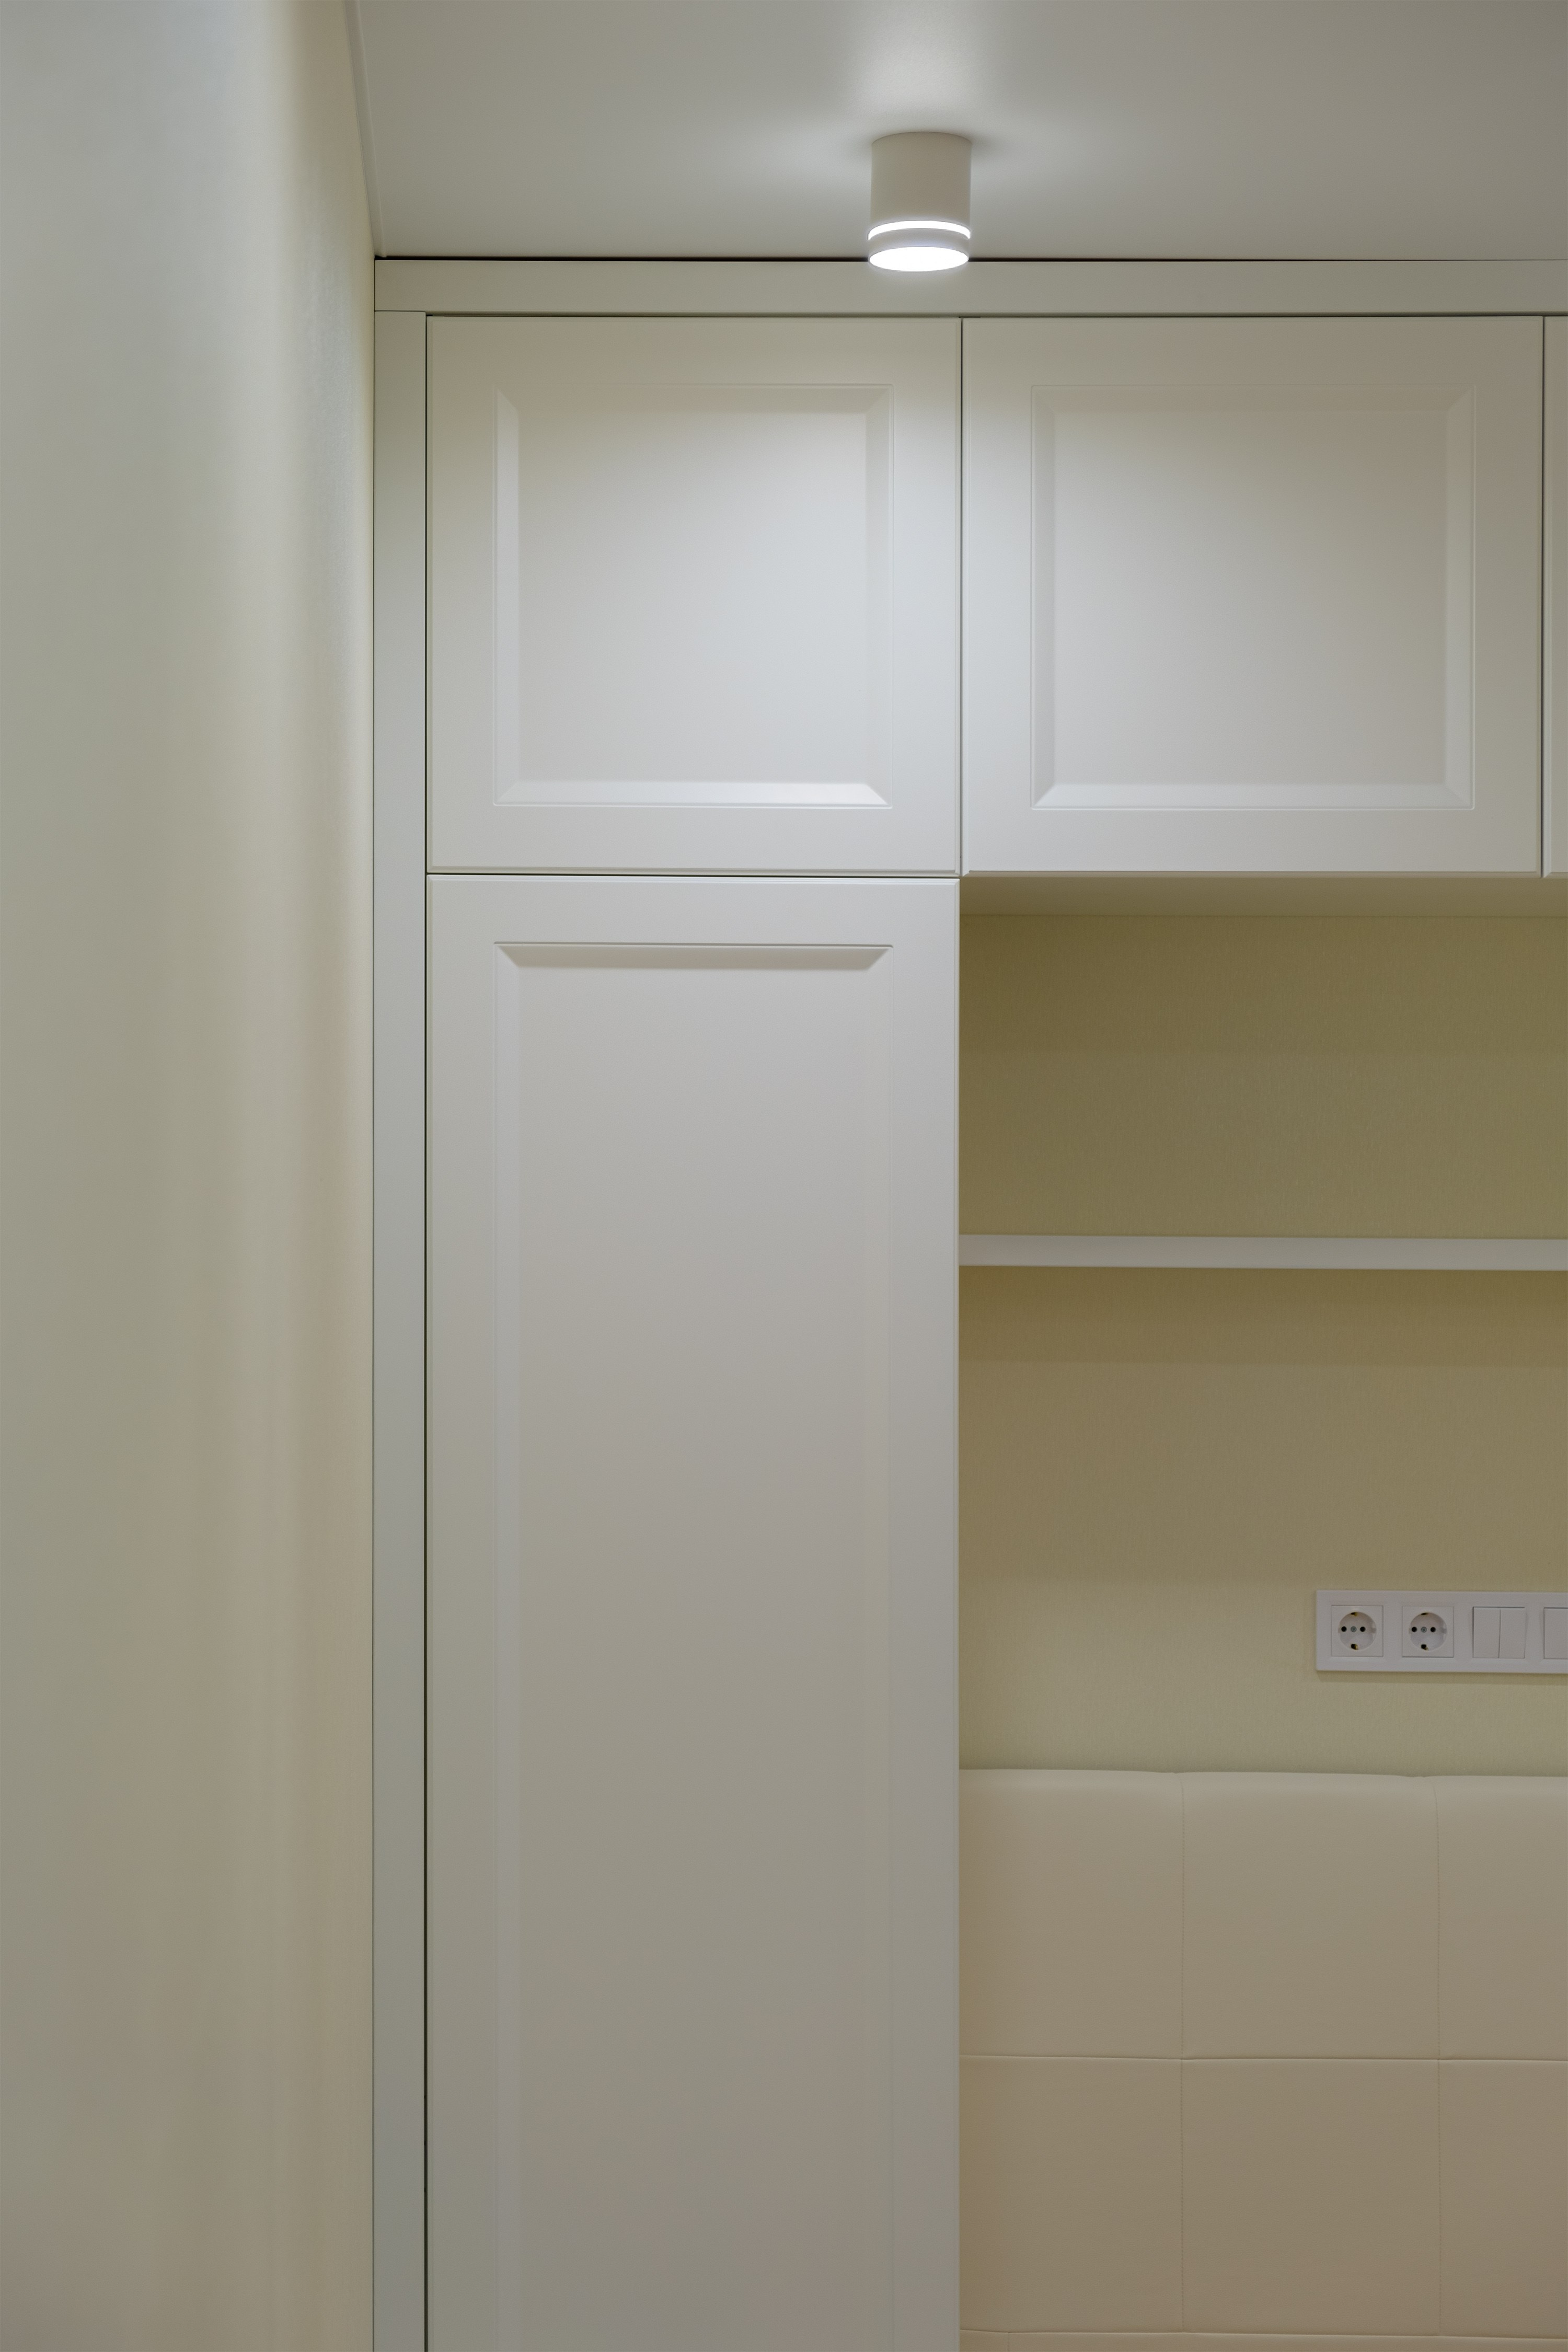 Шкаф в комнате после ремонта на улице Фонтанская дорога